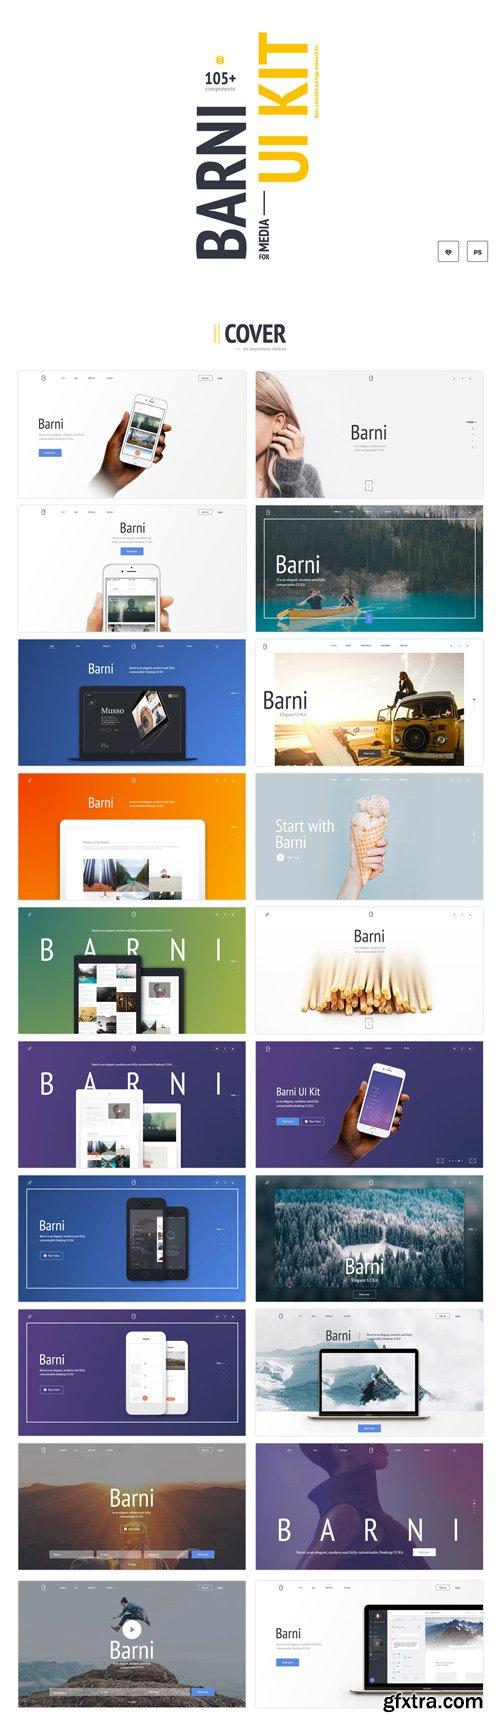 CM - Barni For Media - 430595